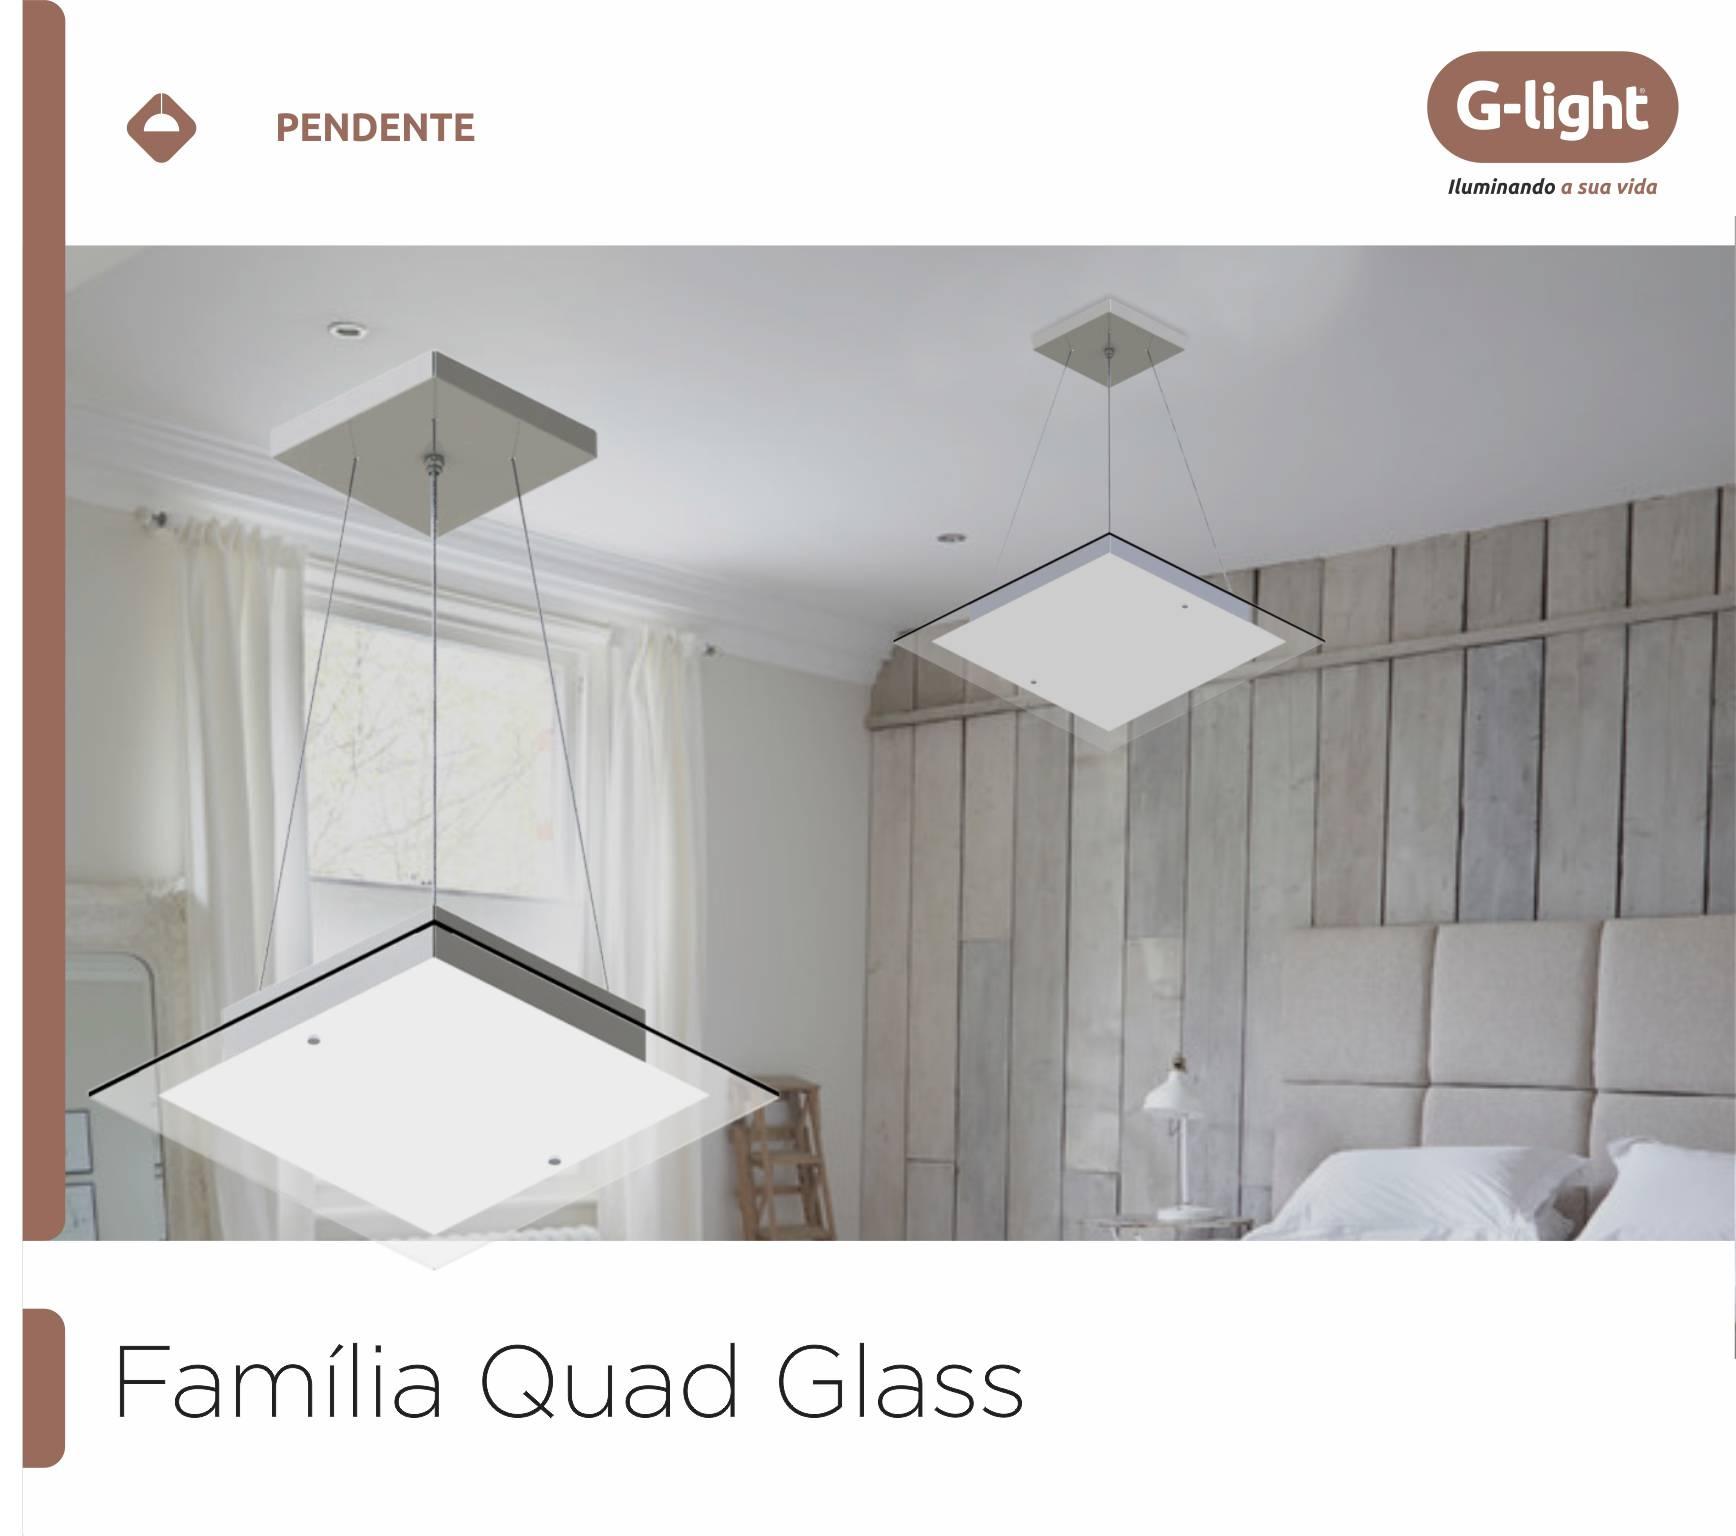 Família Quad Glass